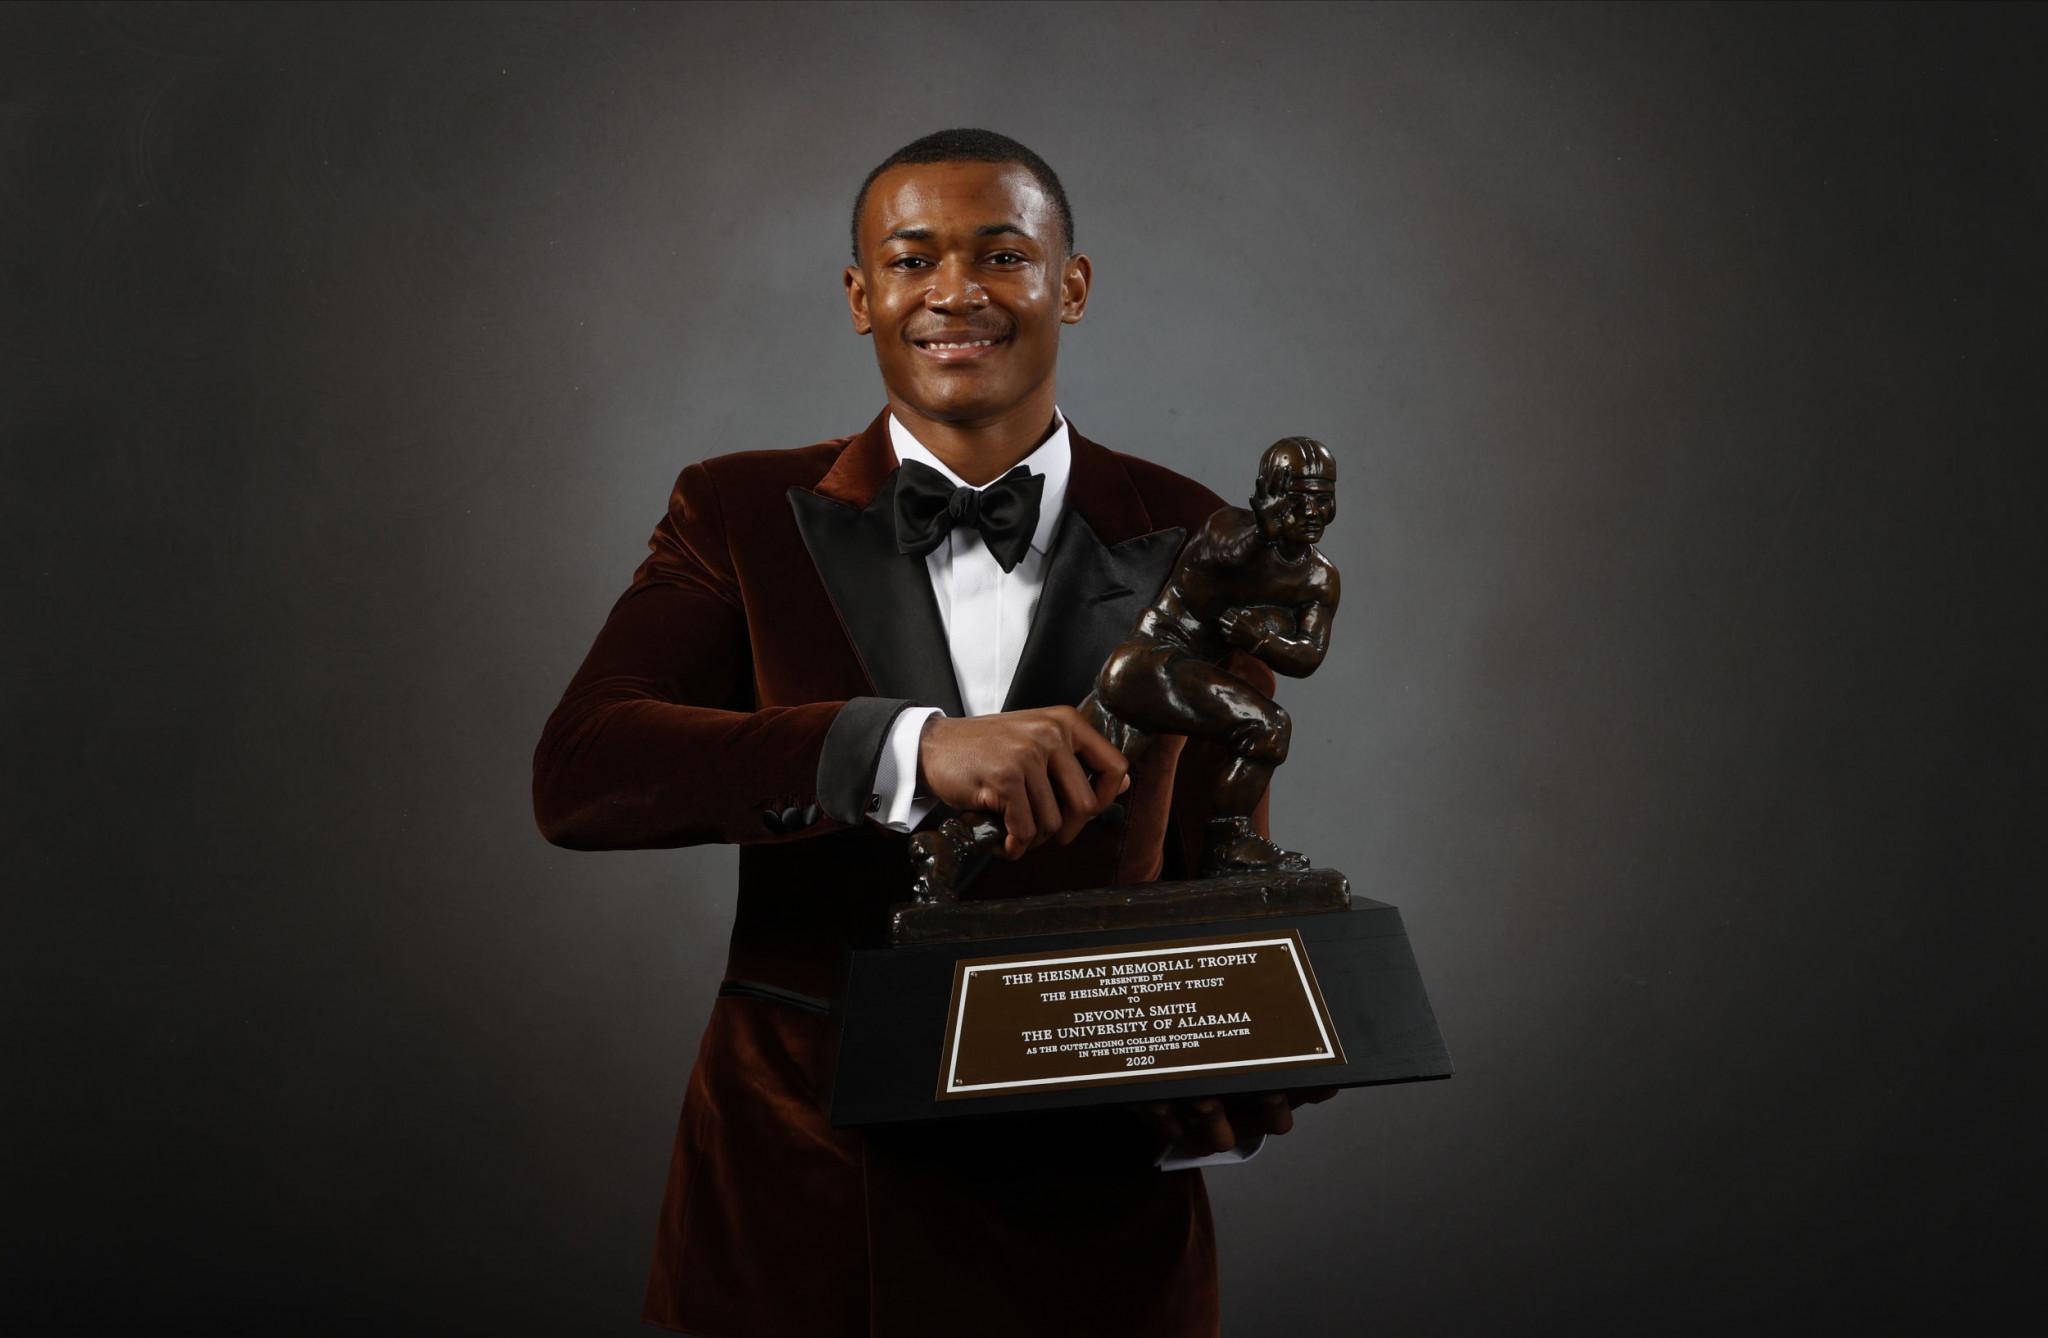 Alabama wide receiver Smith wins prestigious Heisman Trophy